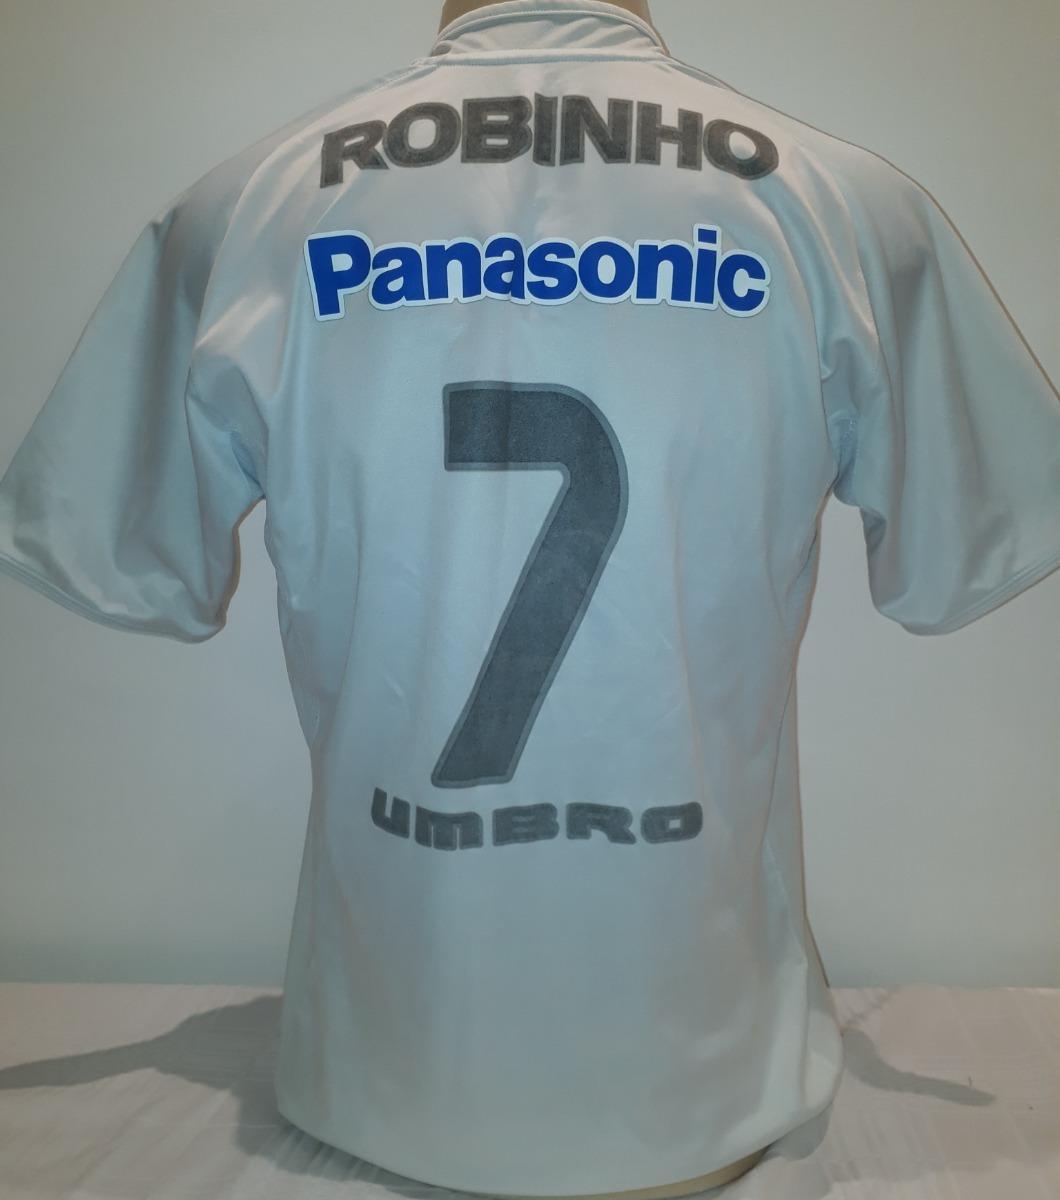 1368c6328c camisa santos robinho original umbro 2005 panasonic - ro. Carregando zoom.